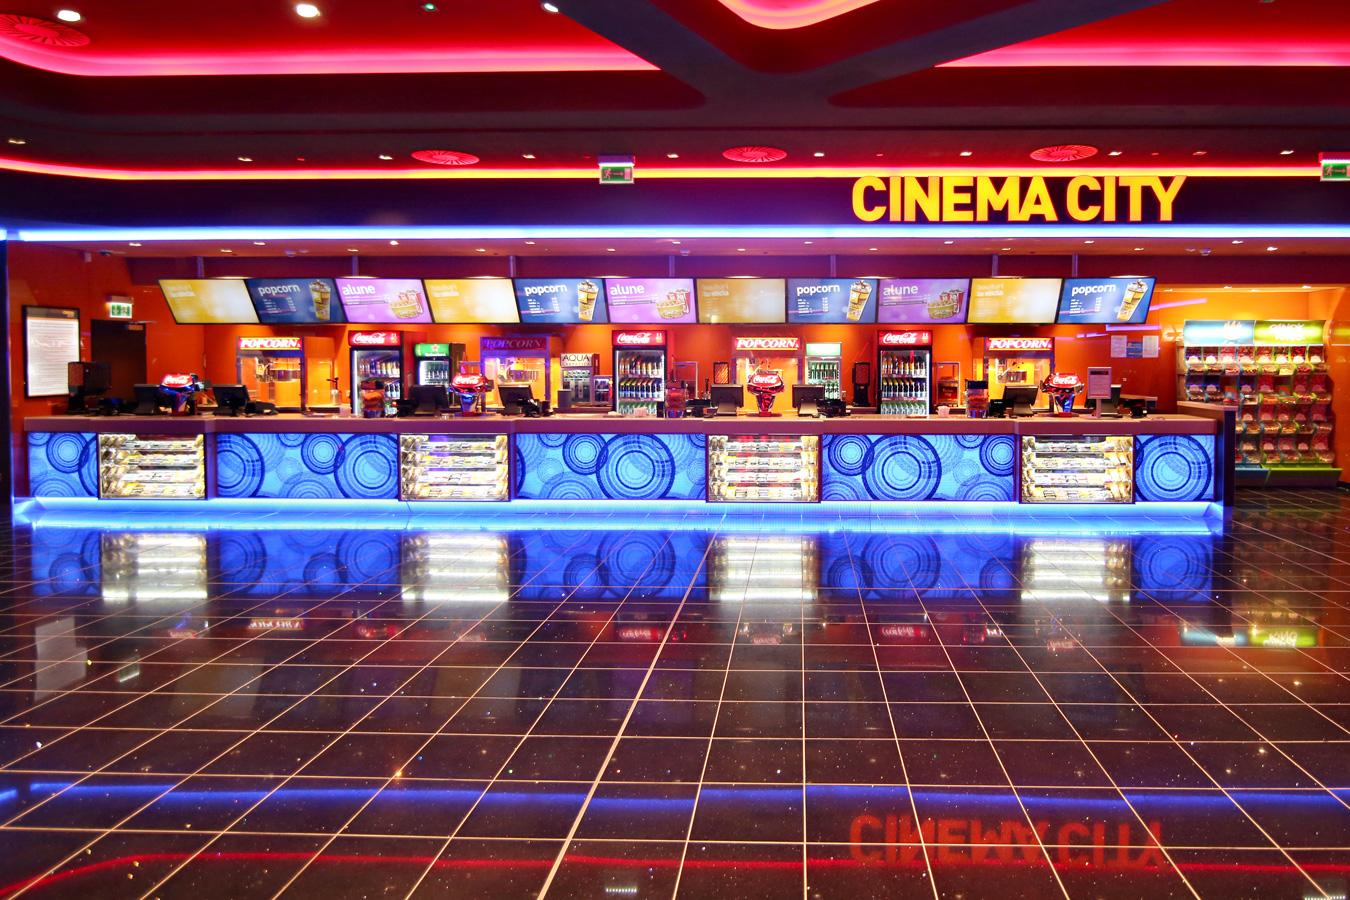 Cinema City încheie anul în forţă şi deschide la Suceava cel de-al 22-lea multiplex din ţară, în urma unei investiţii de șase milioane de euro